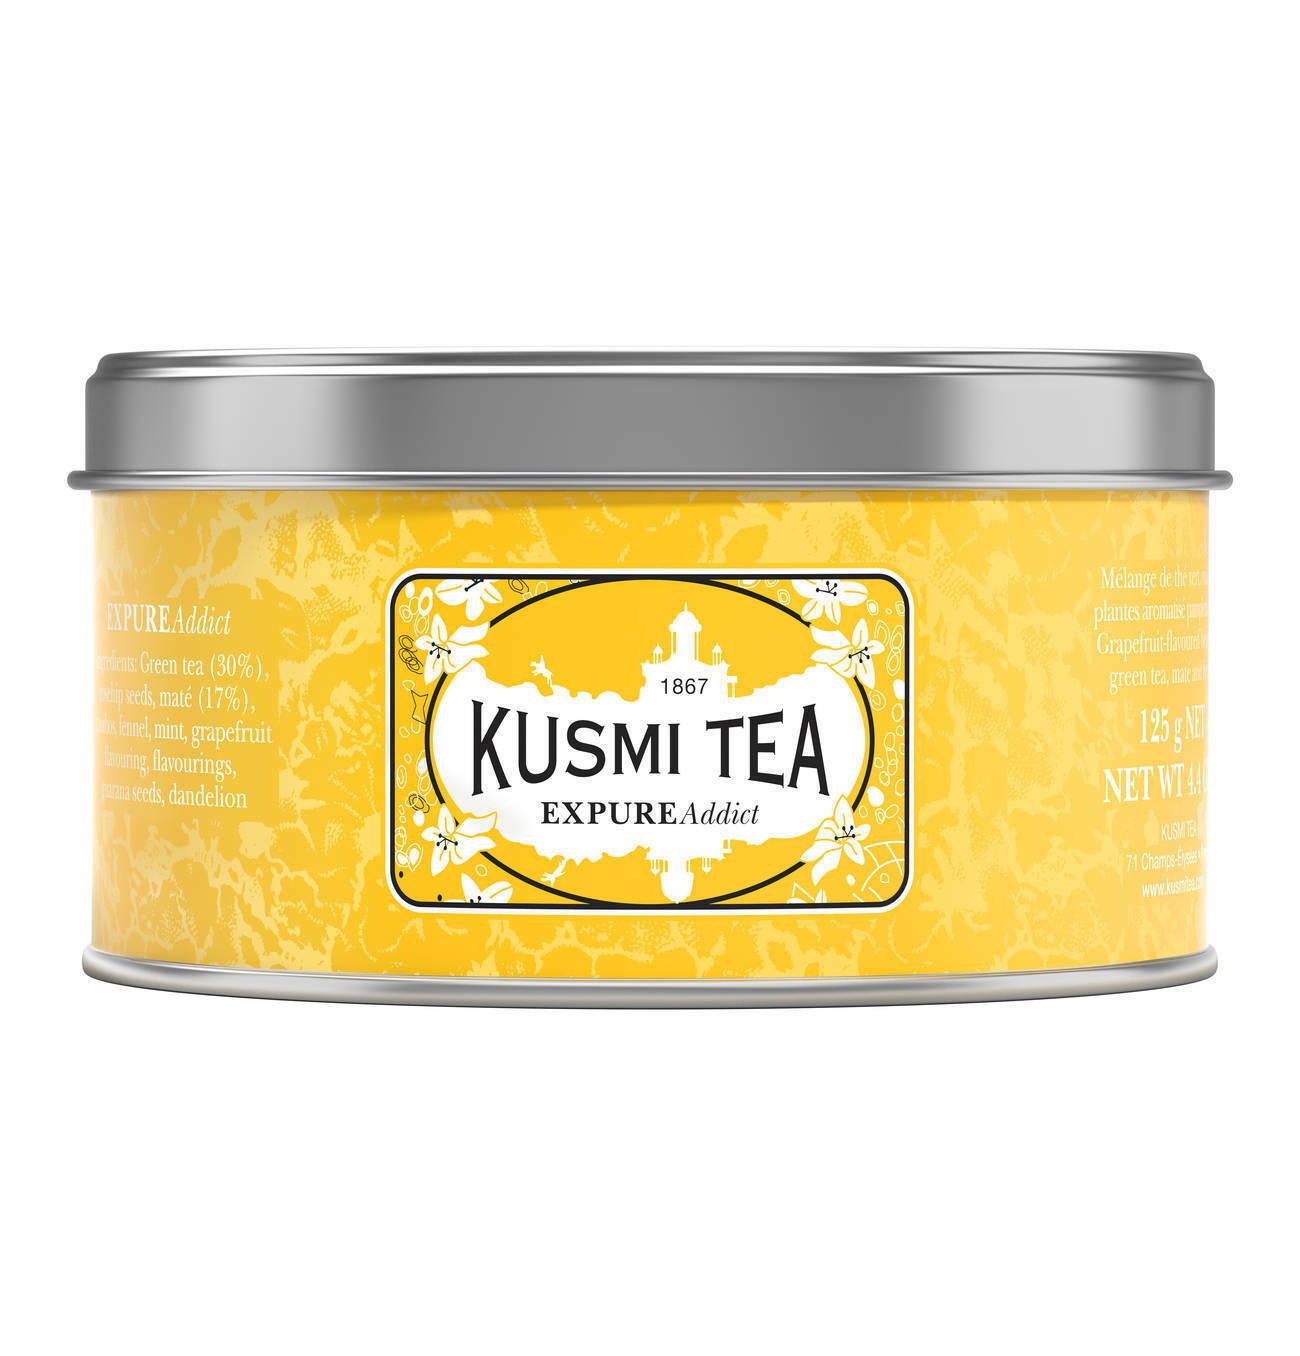 Kusmi Tea Expure Addict 125g Metalldose - Grüner Tee Mate Guarana